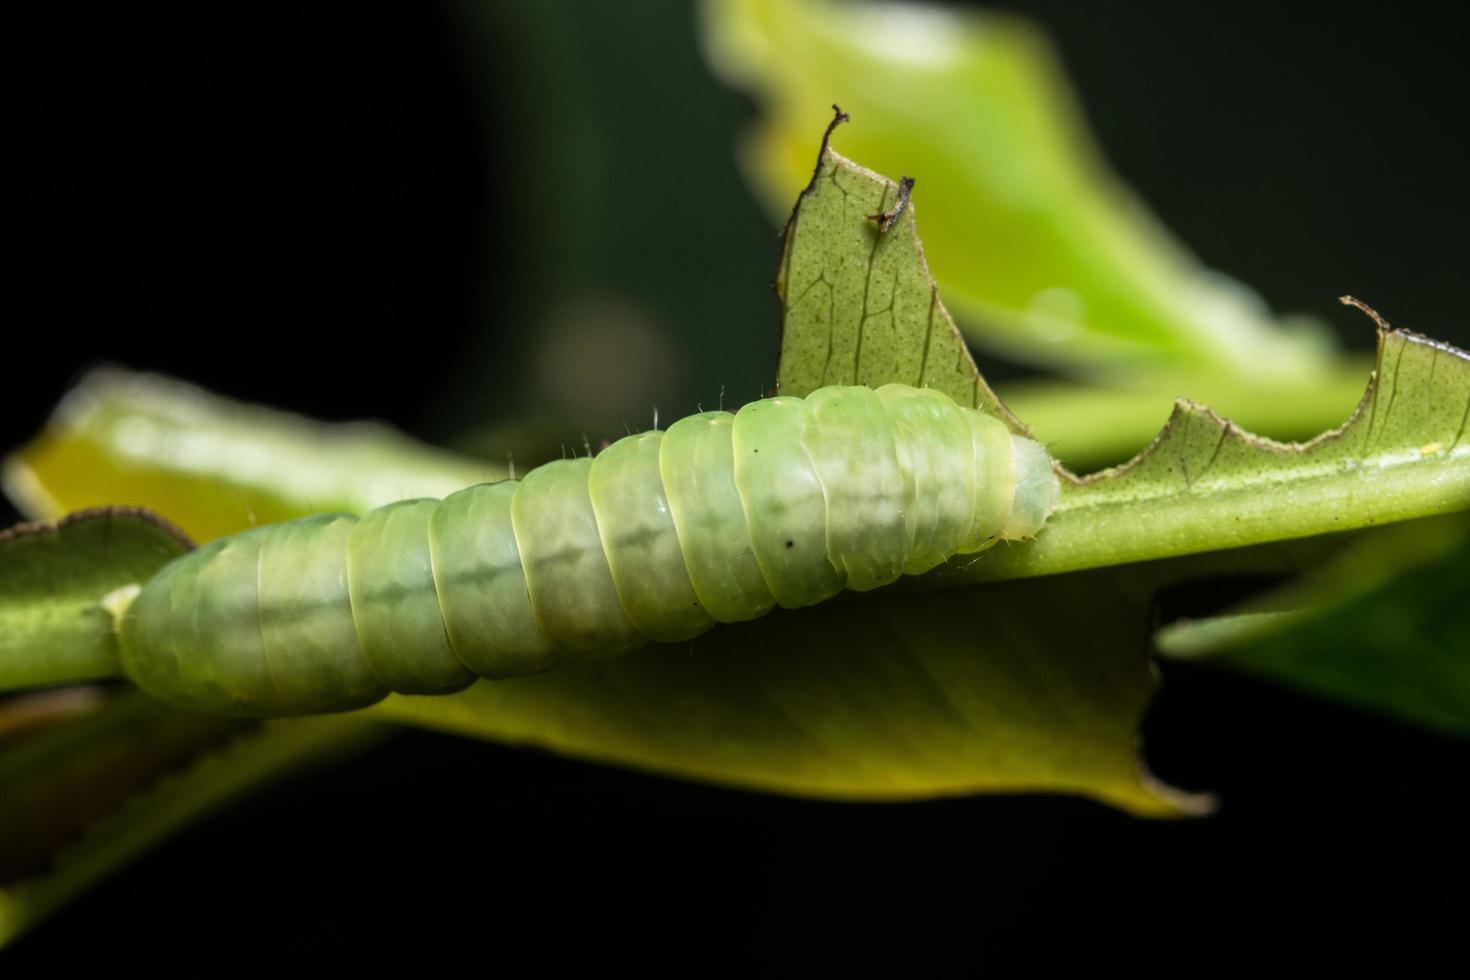 verme em uma folha, foto de close-up